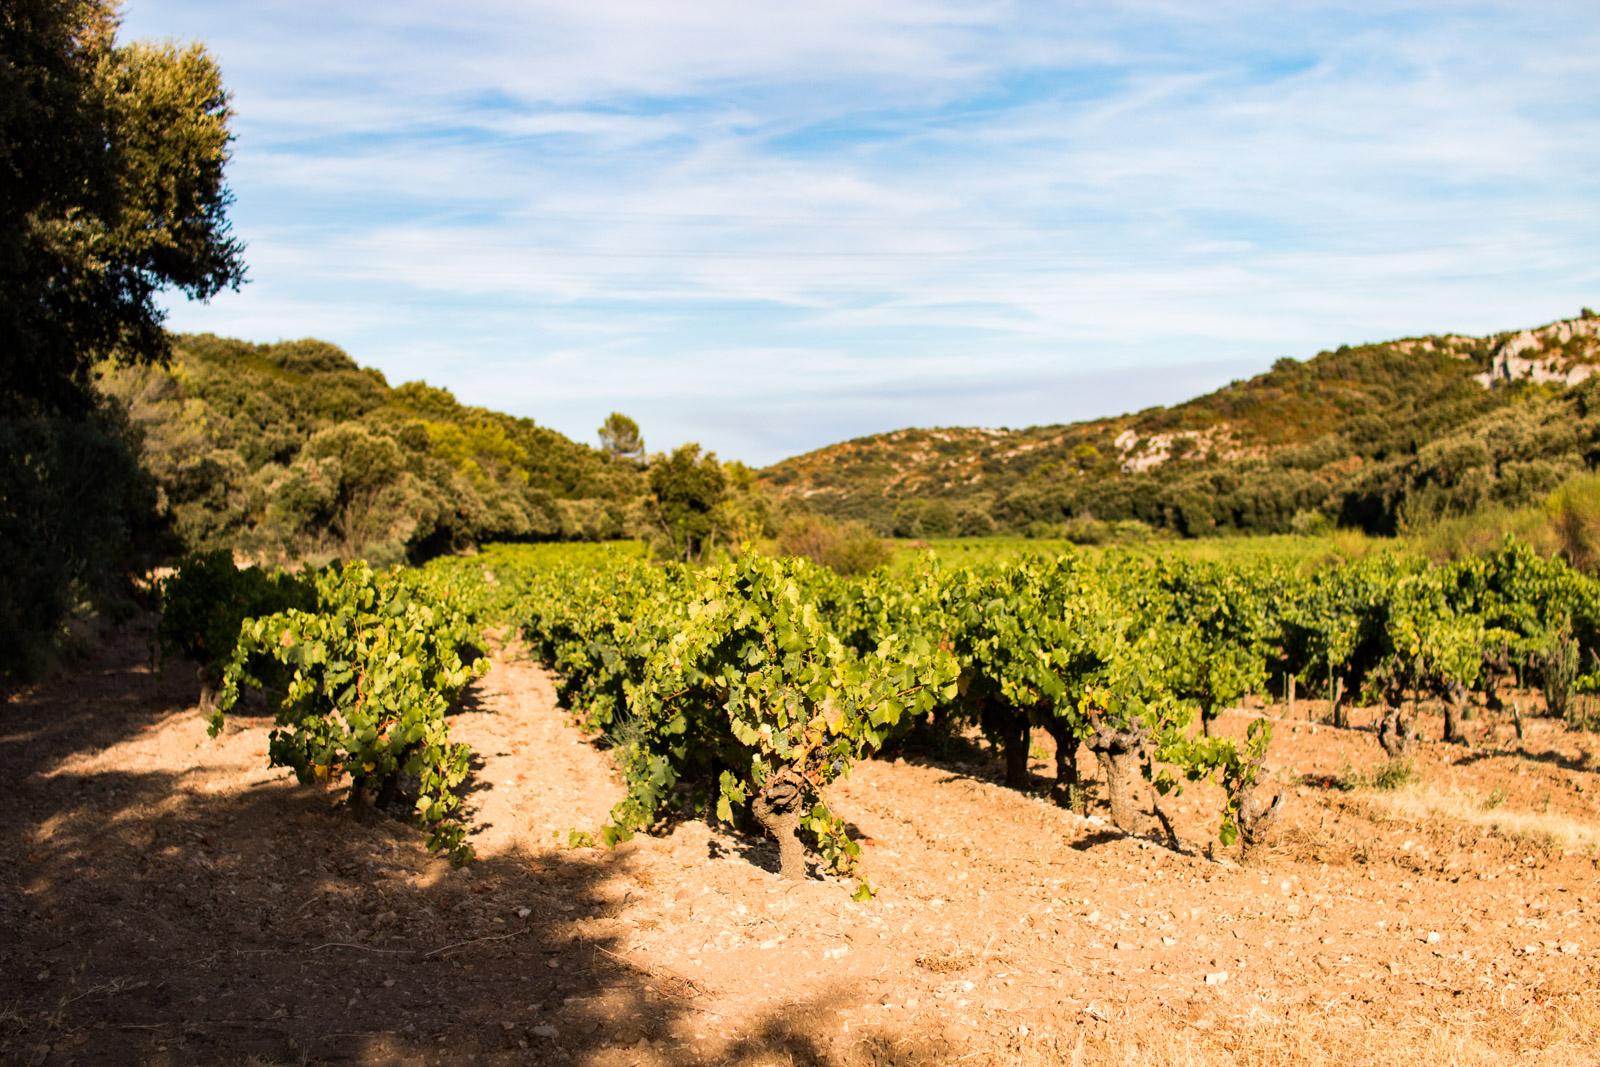 Rocca Maura - Vente en ligne de vins Bios, Côtes-du-Rhône, Lirac, Tavel...